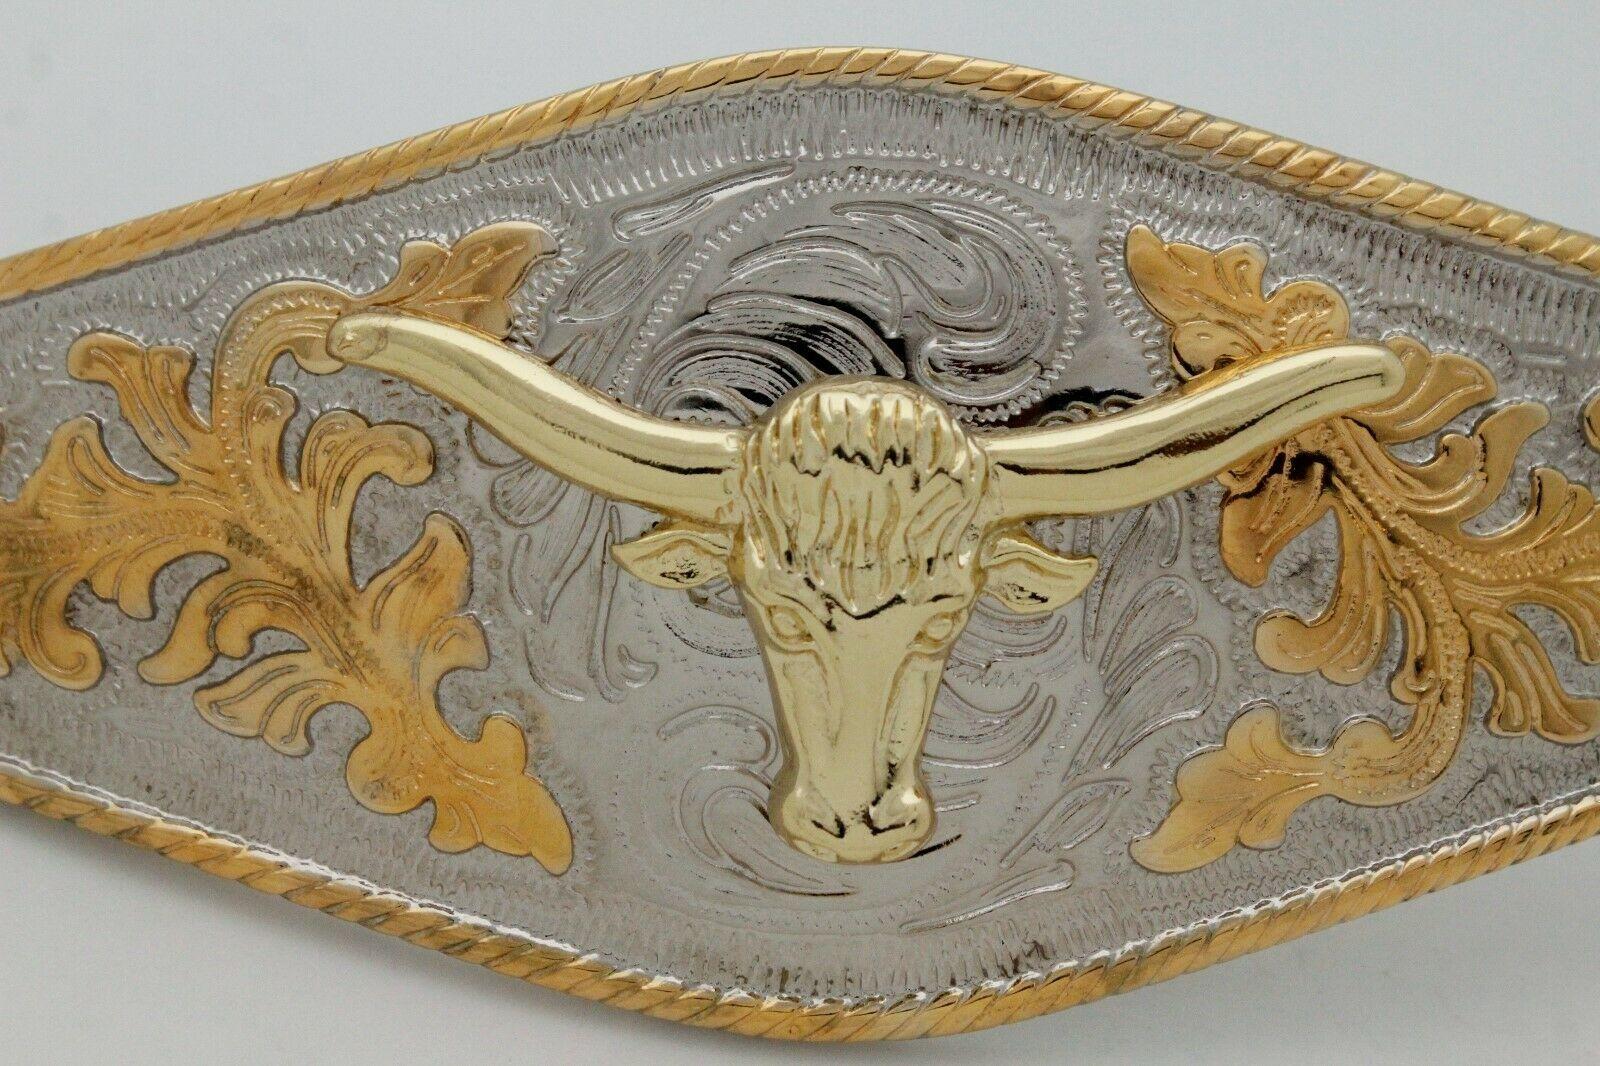 Hombre Western Cowboys Cinturón Hebilla Metal Plata Rodeo Largo Oro Texas Cuerno image 12